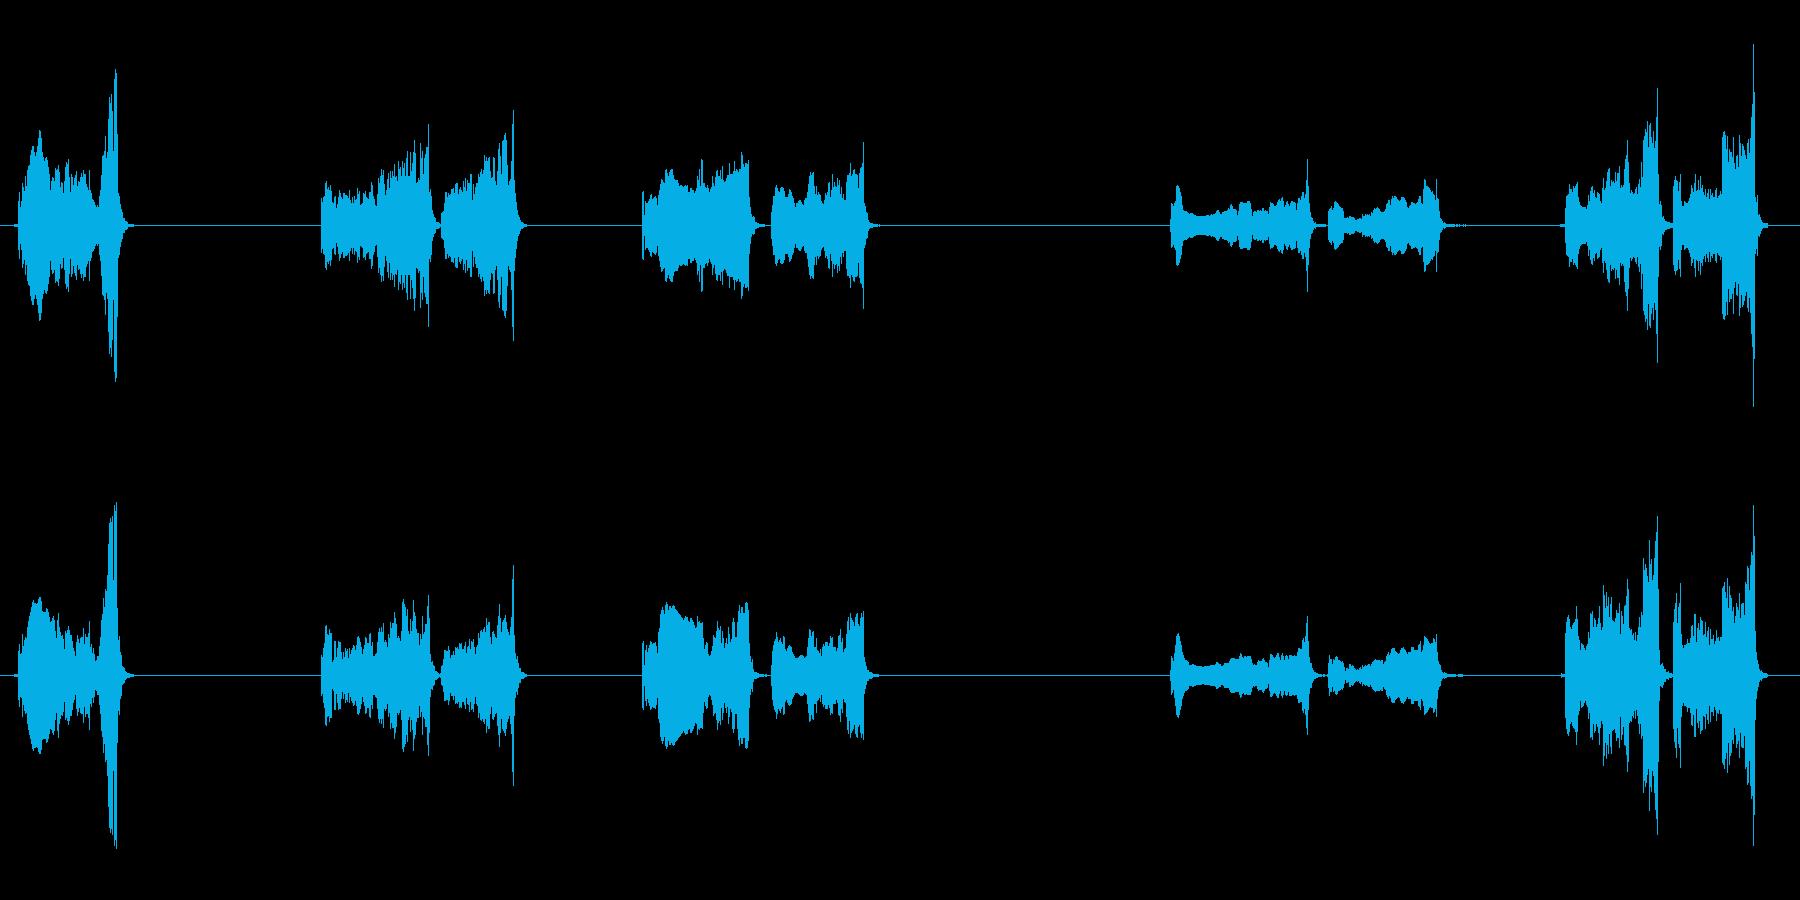 いくつかの孤立したハヤブサの鳴き声の再生済みの波形